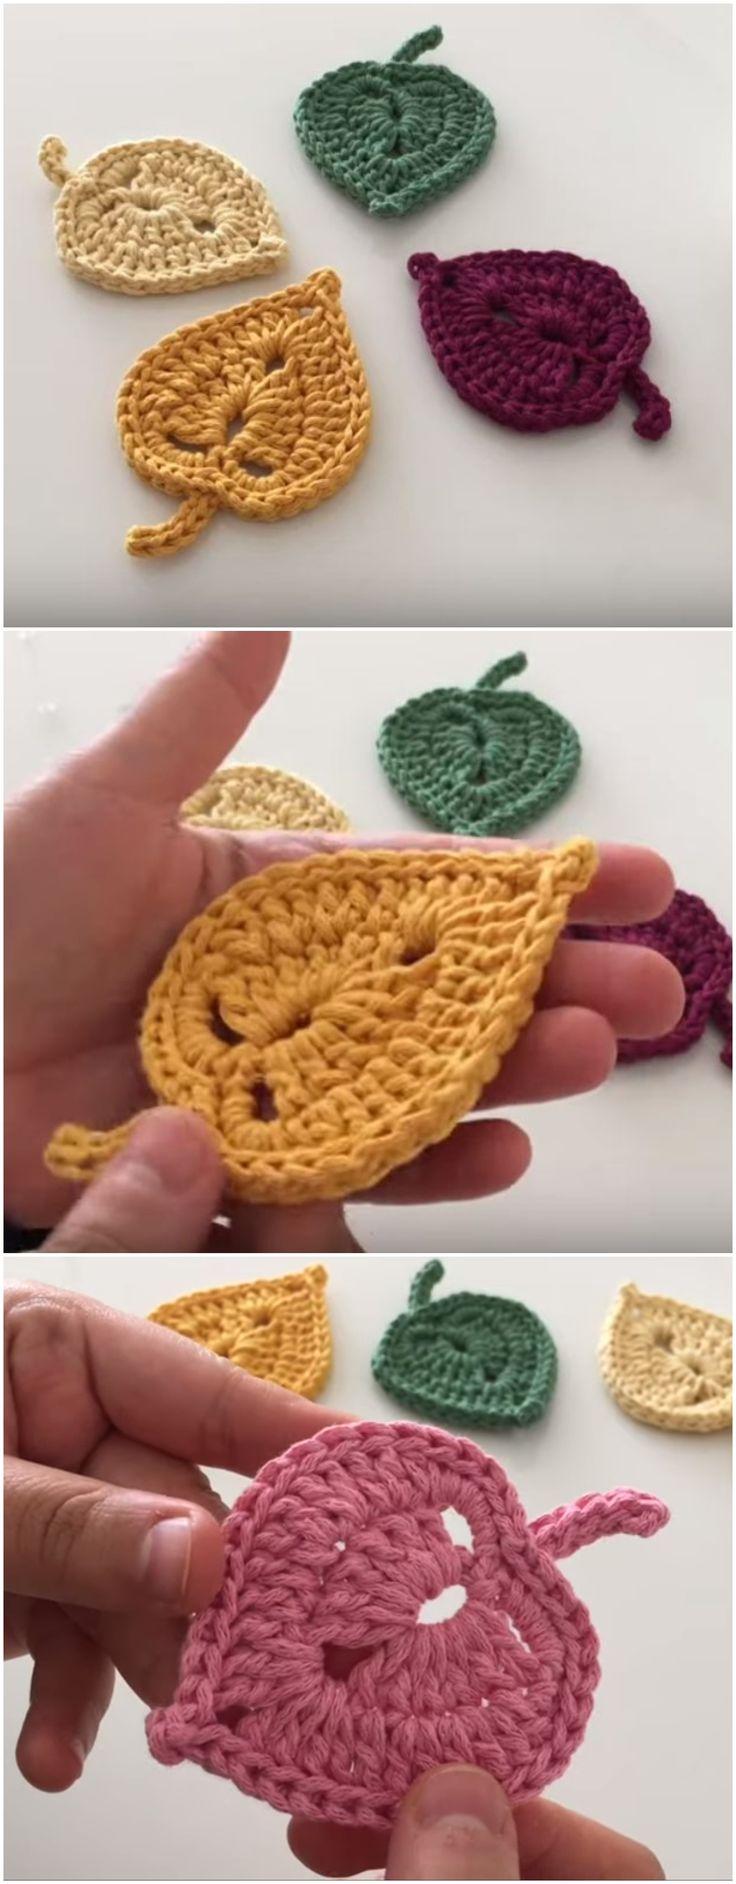 Crochet Tiny Leaves Video Tutorial – Häkeln